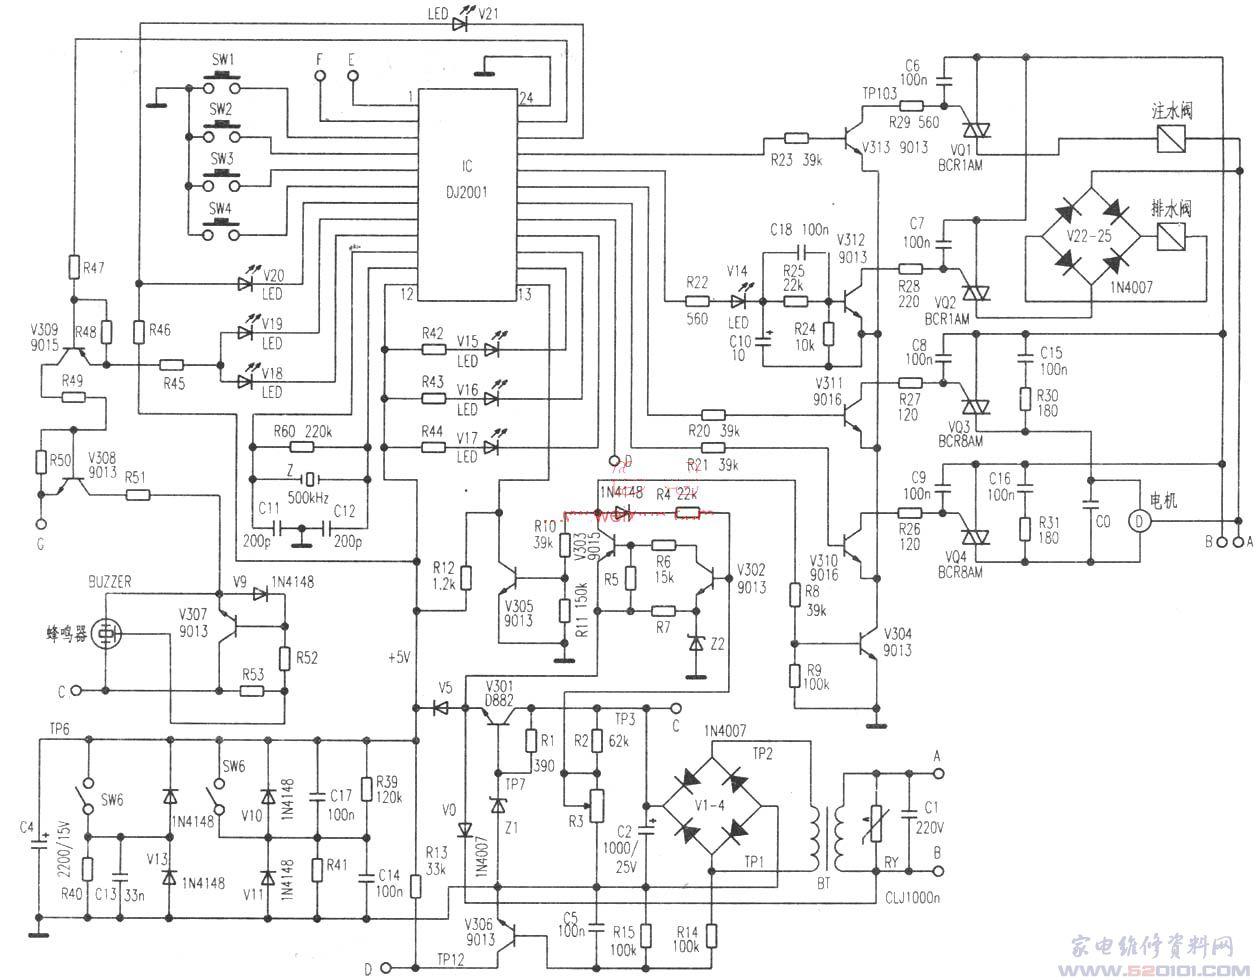 小天鹅xq830-8全自动洗衣机电脑板的检修与原理